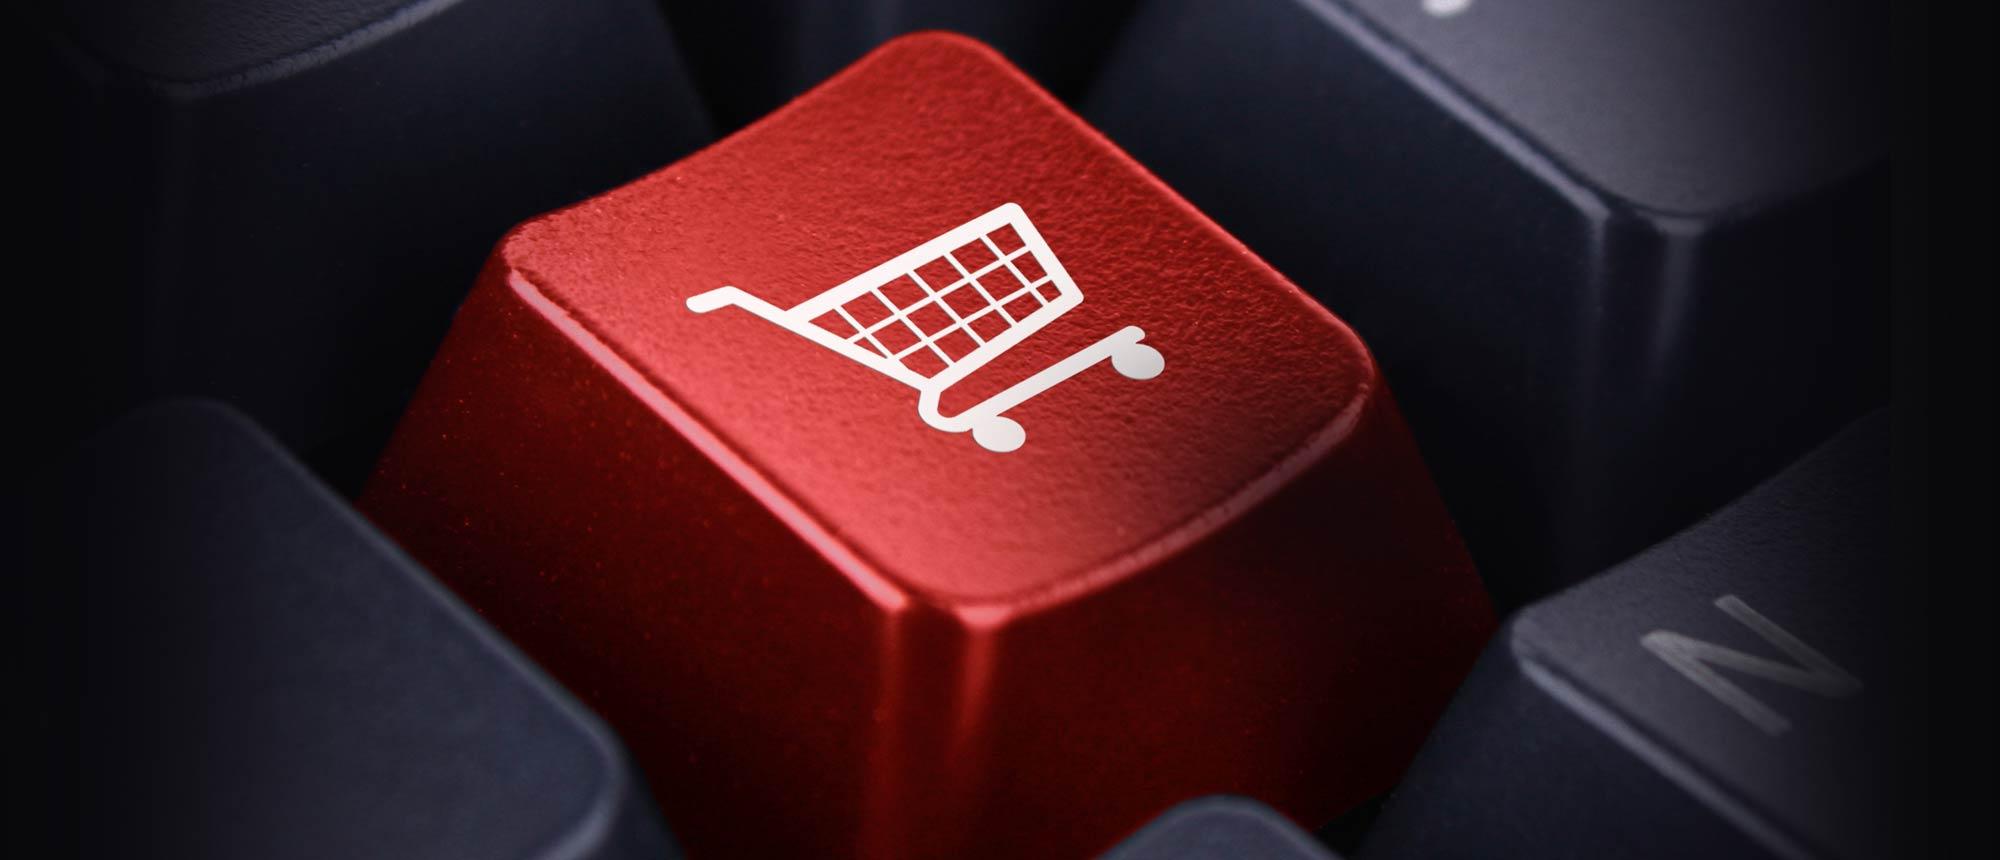 online shopping design nigeria